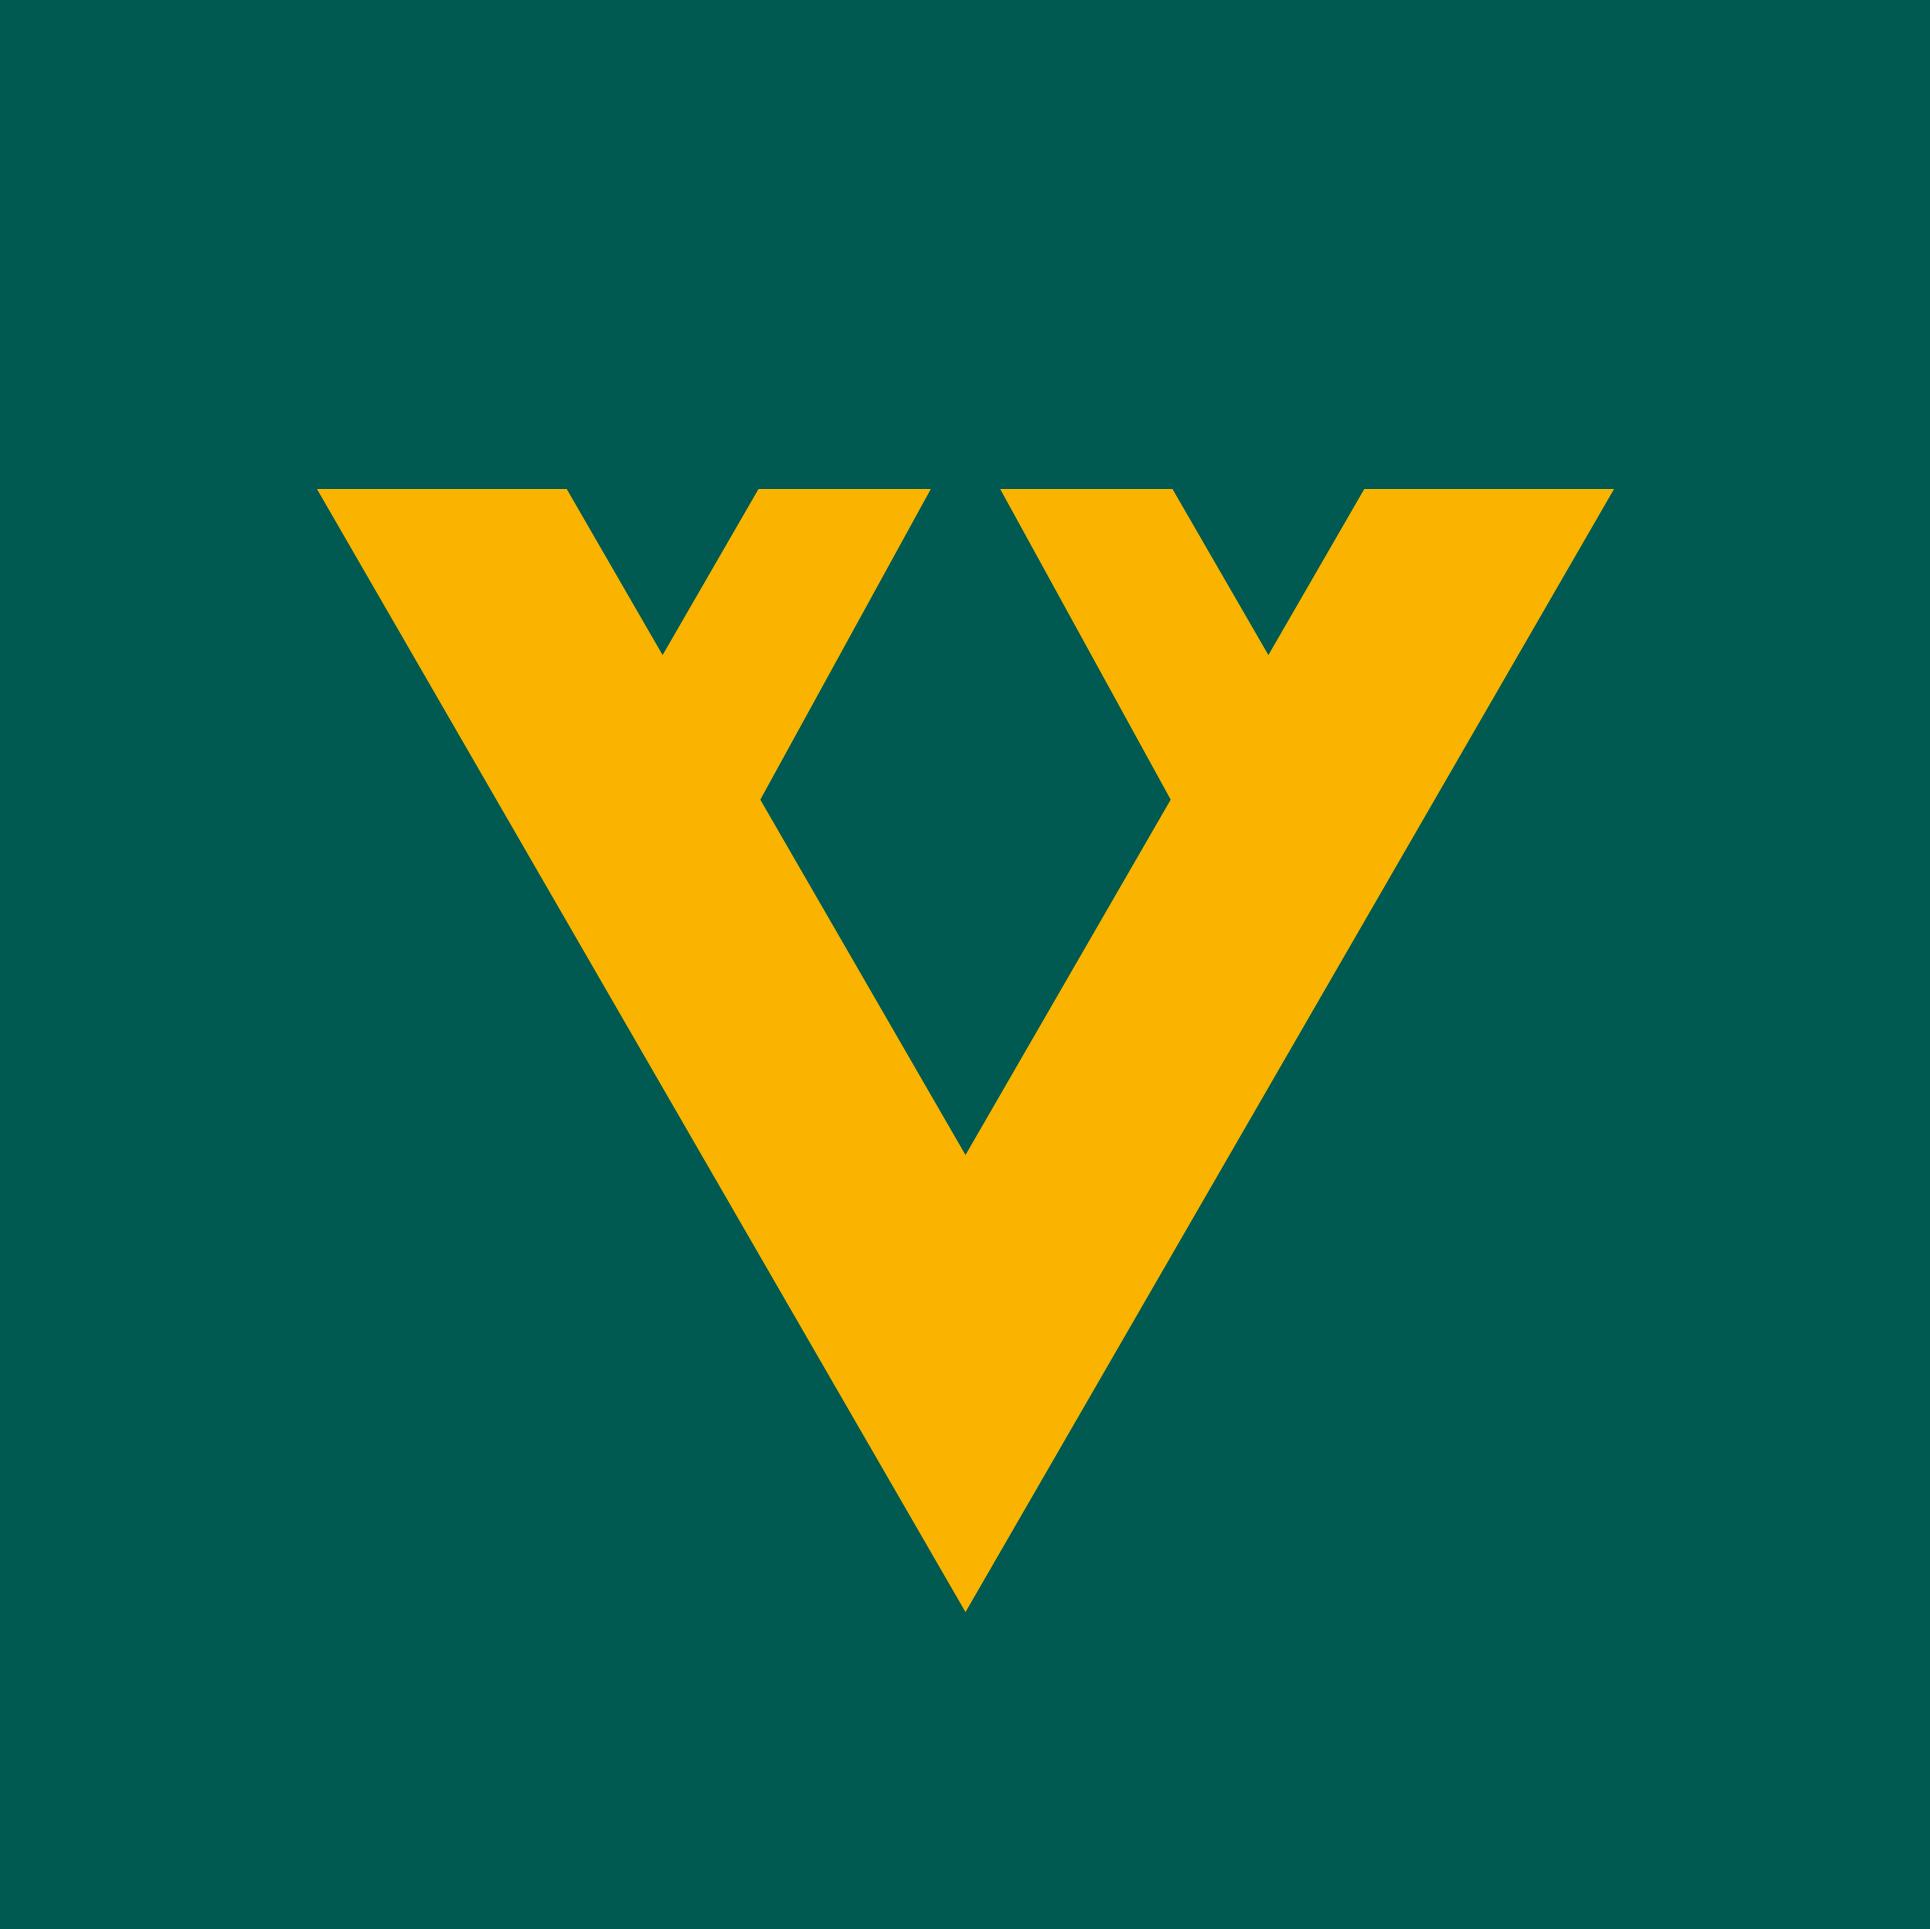 Vizuální styl Semily - symbol loga